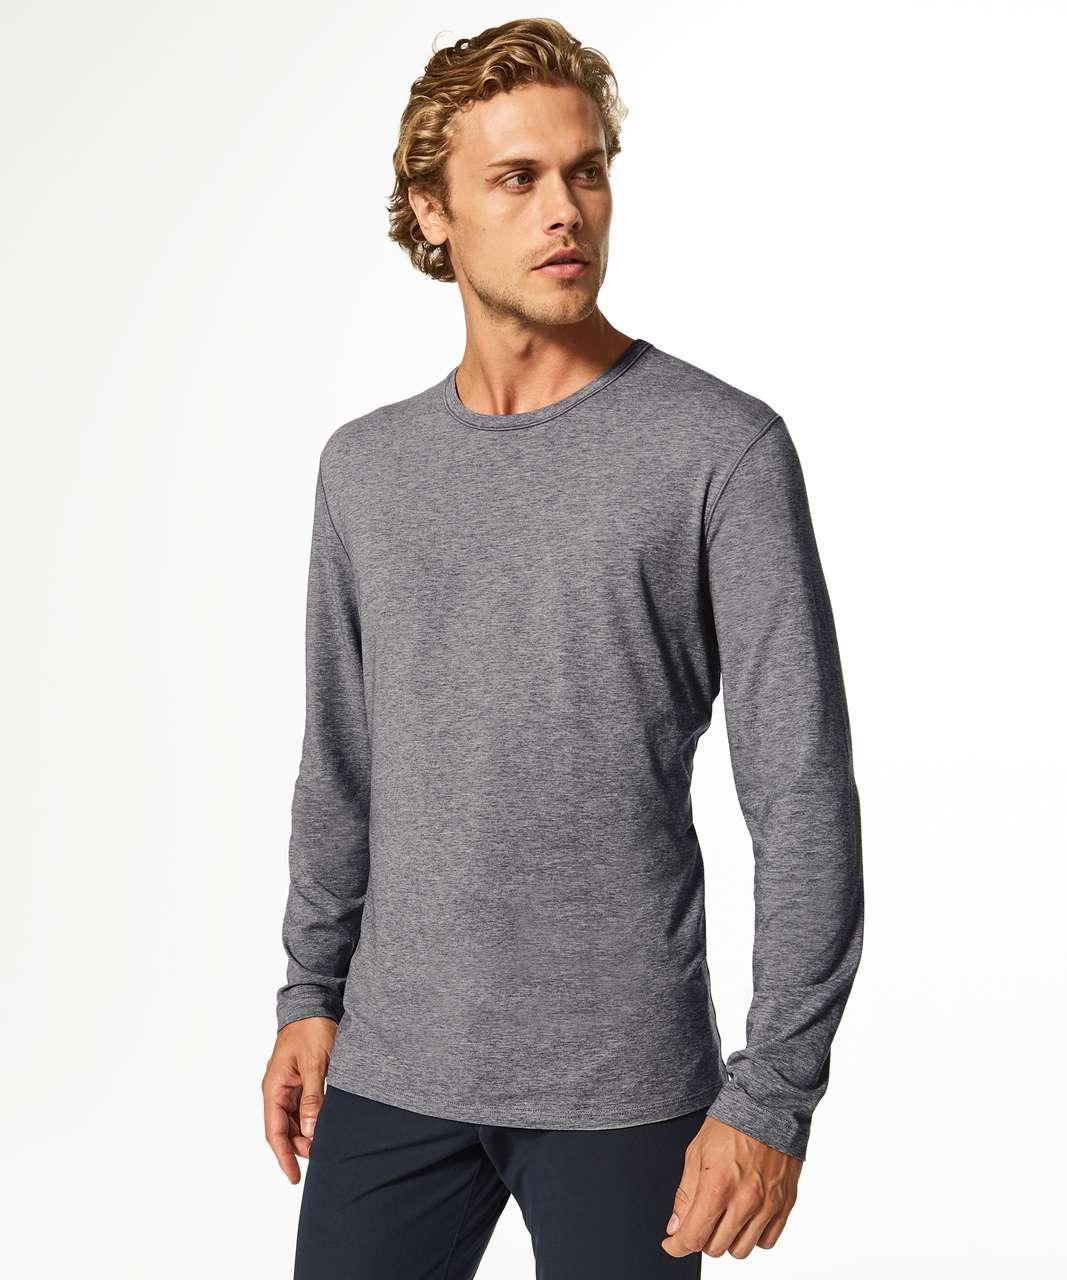 efe2b8ed60a9 Lululemon 5 Year Basic Long Sleeve - Heathered Medium Grey - lulu fanatics